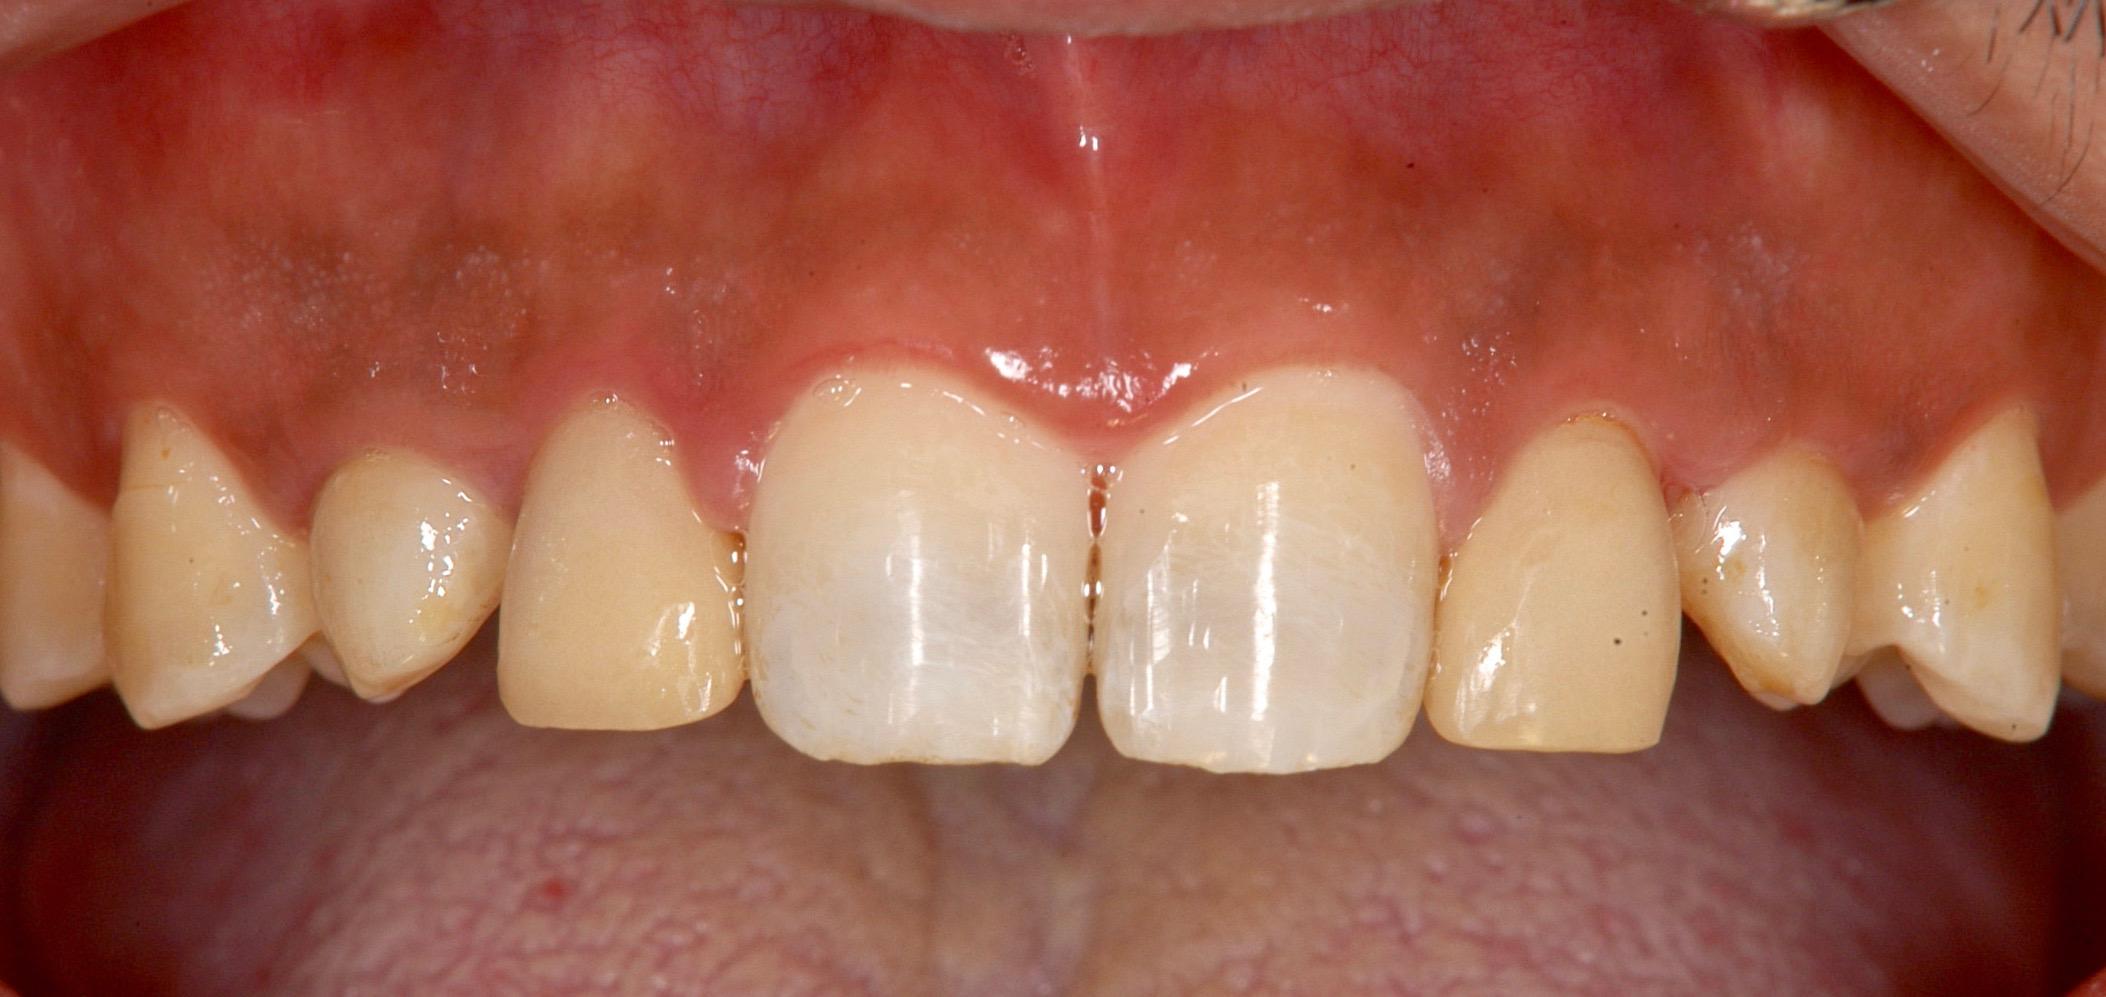 H24.5.10 ステント装着前後前歯部 (4)